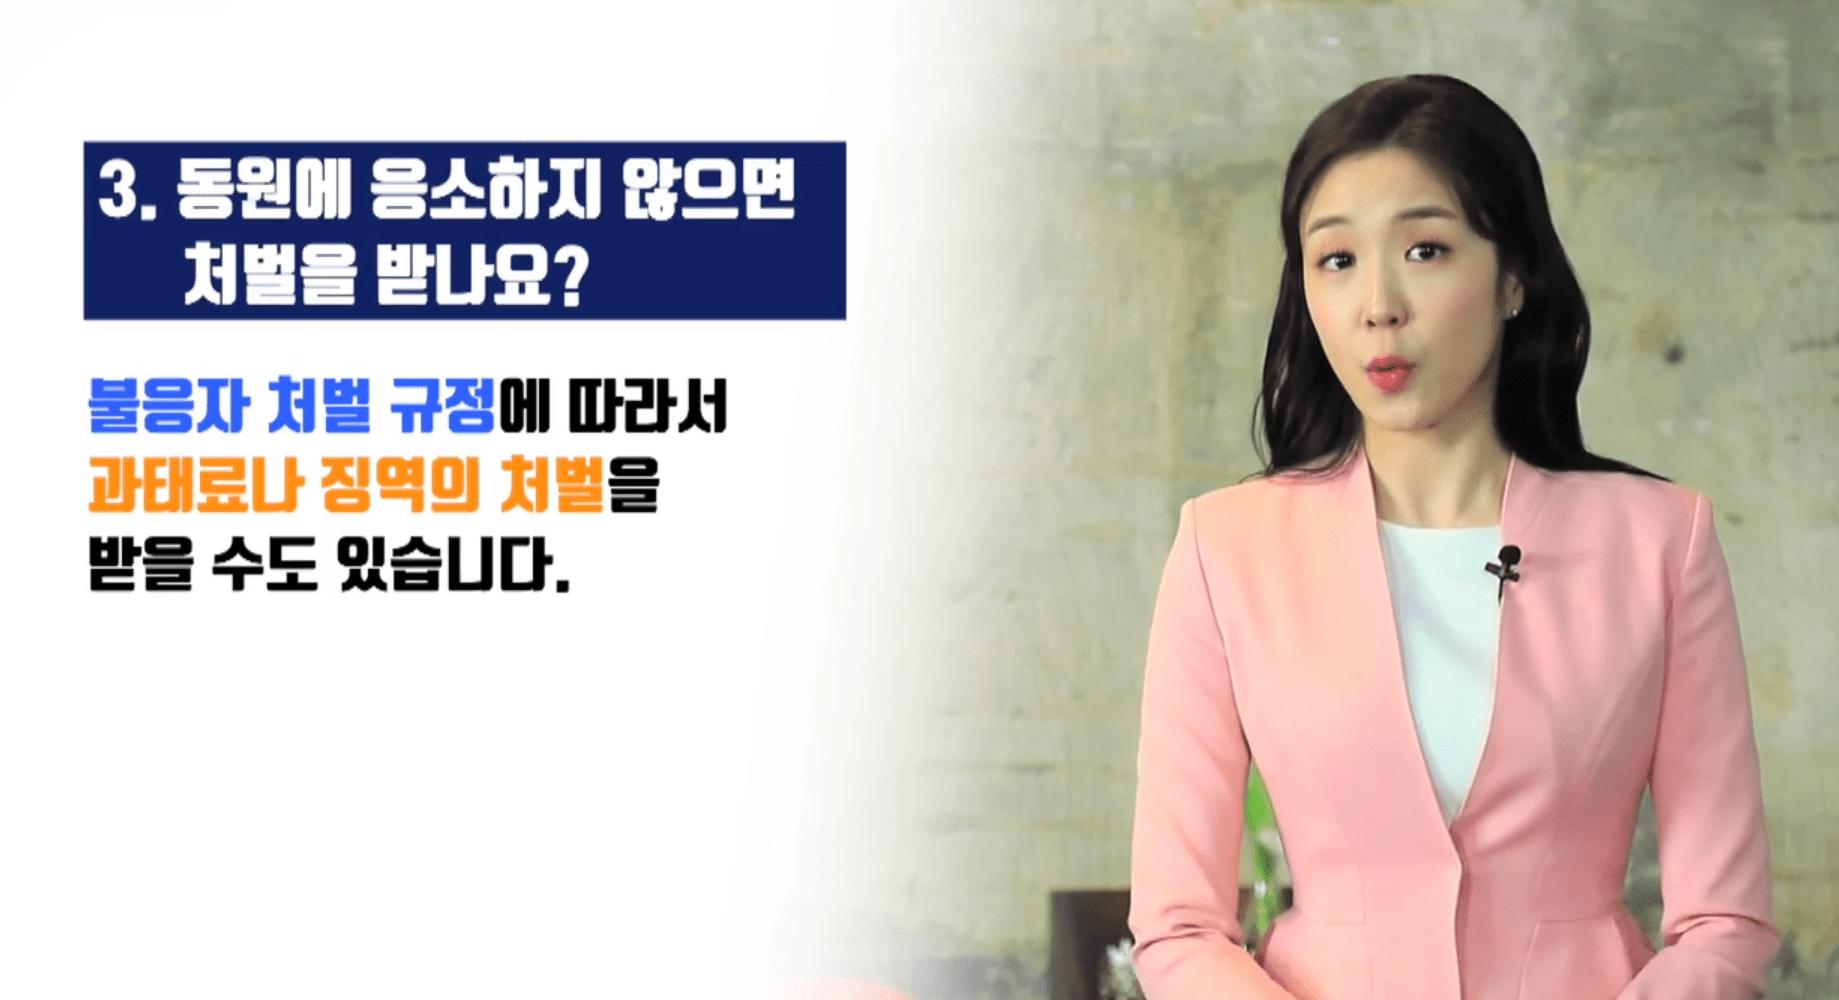 장예원 아나운서 민방위 교육 설명